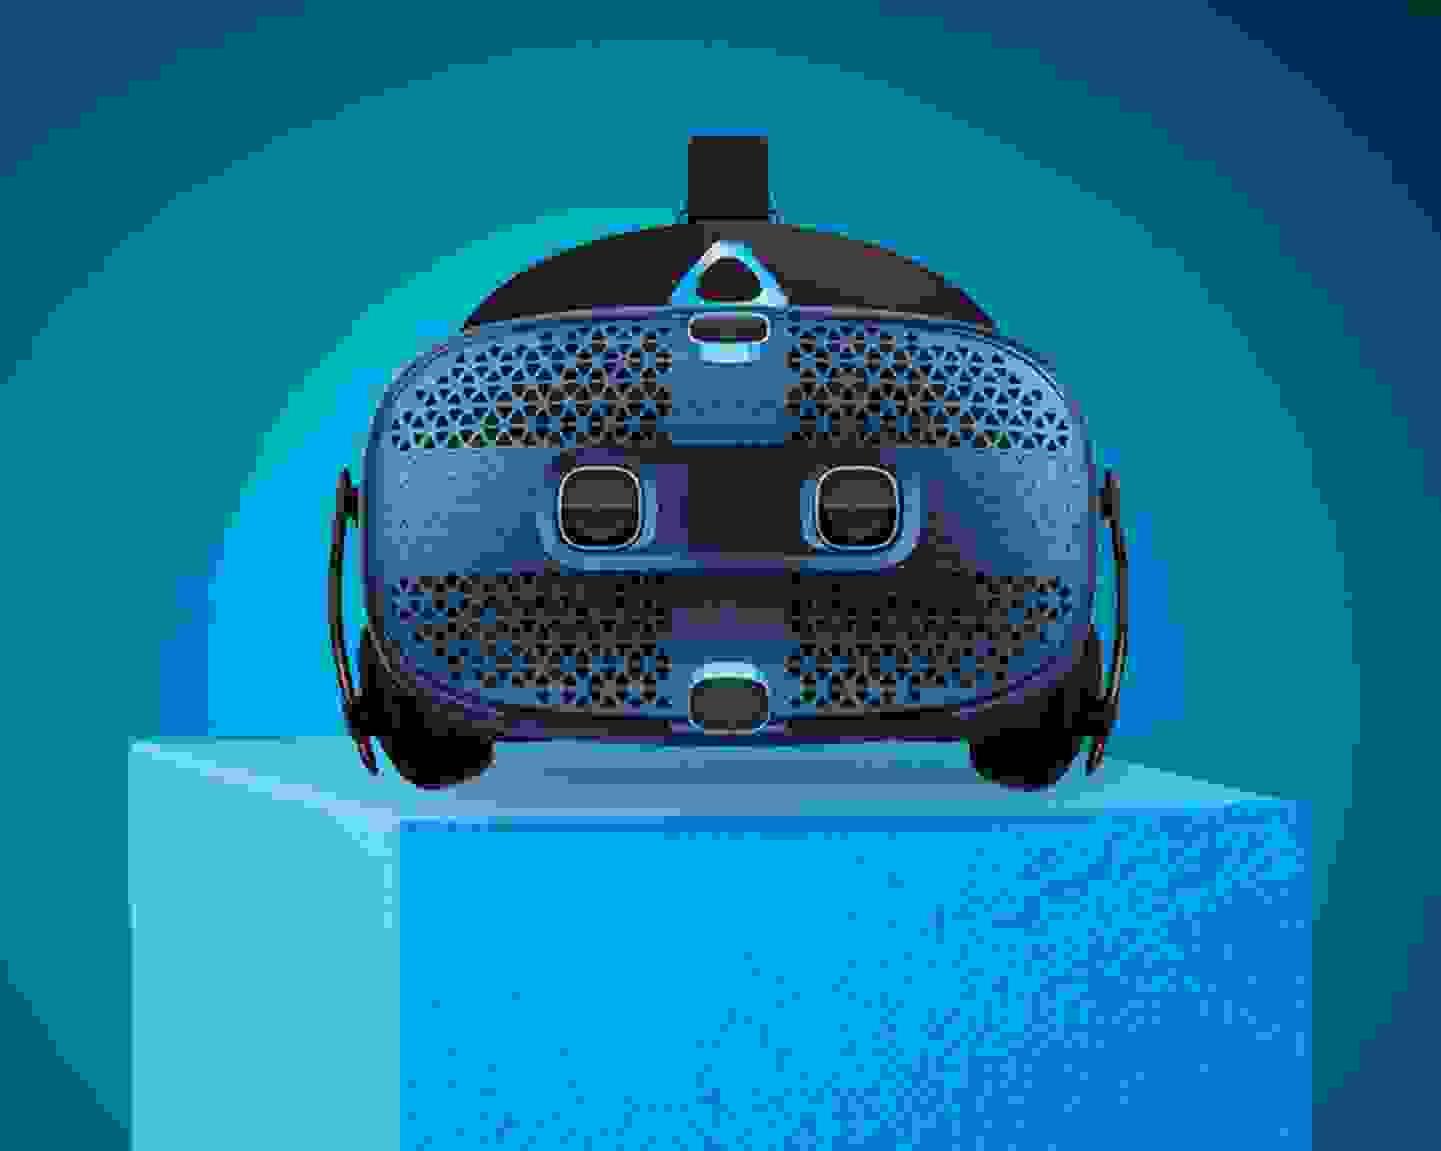 HTC - Casque réalité virtuelle Vive Cosmos à capteurs de mouvement »